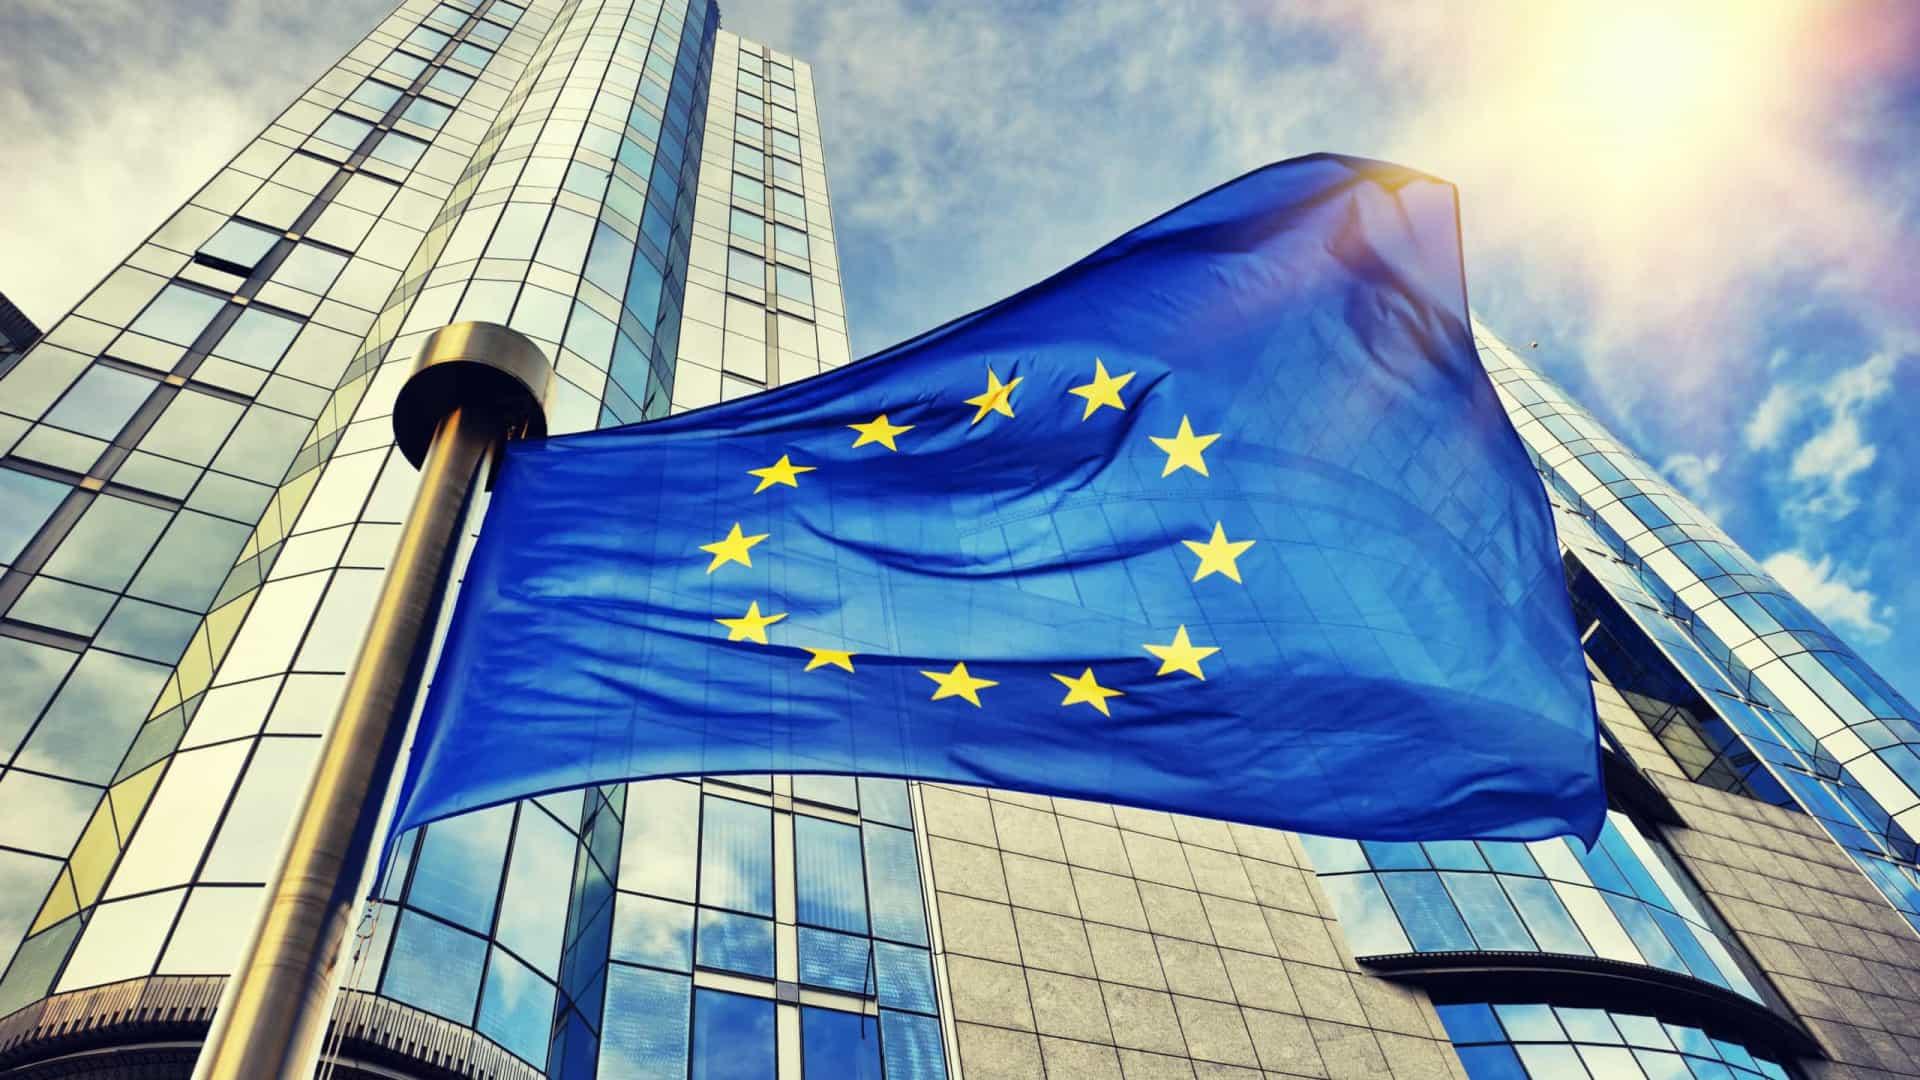 União Europeia endureceu regras ambientais – e montadoras têm de se adaptar.